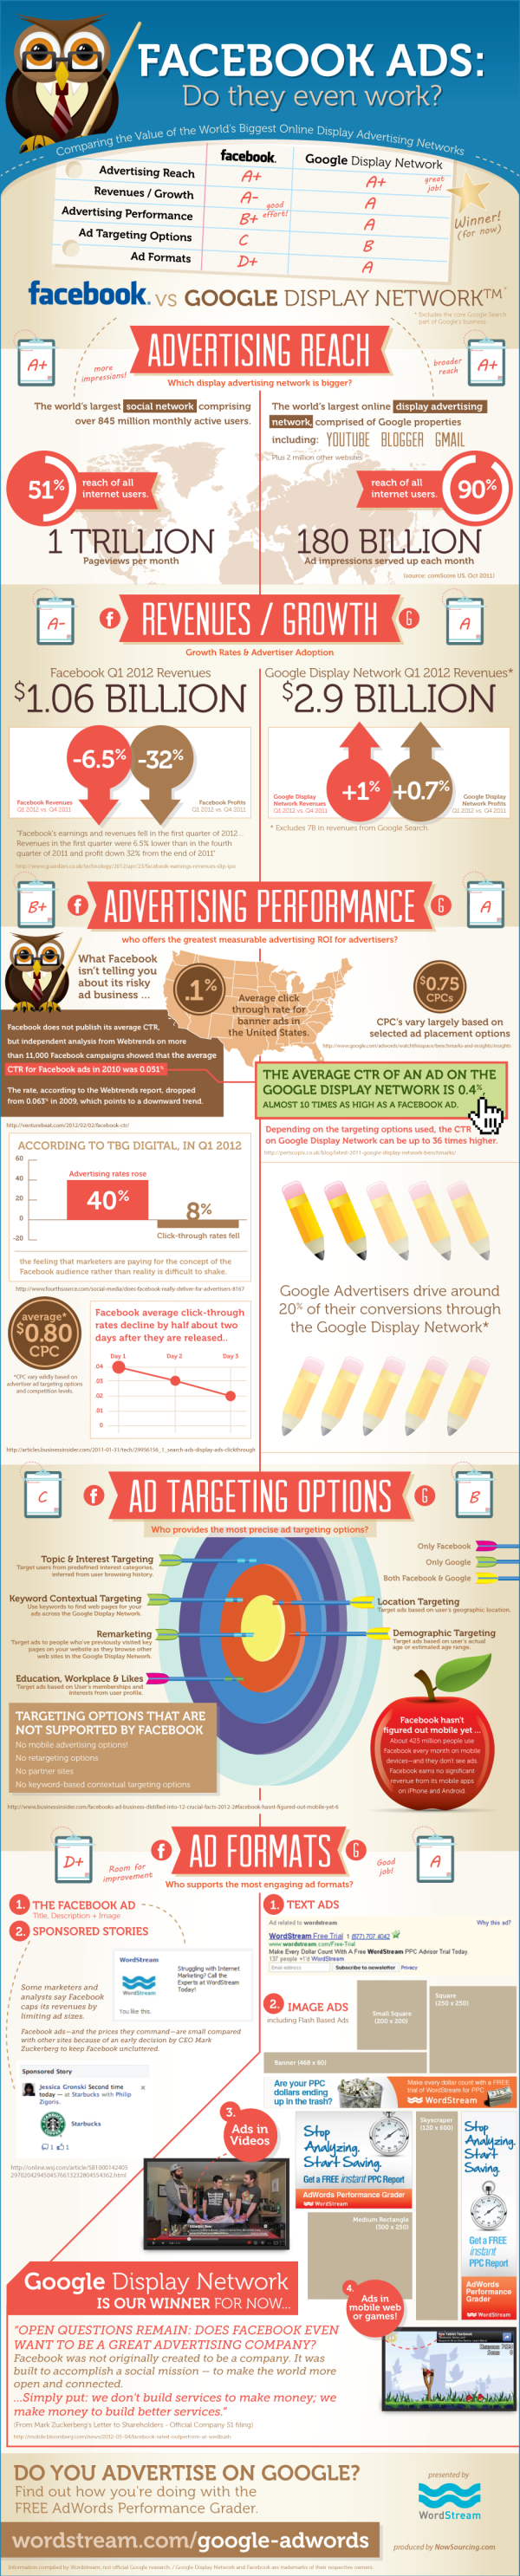 Facebook vs. Google Advertising resized 600